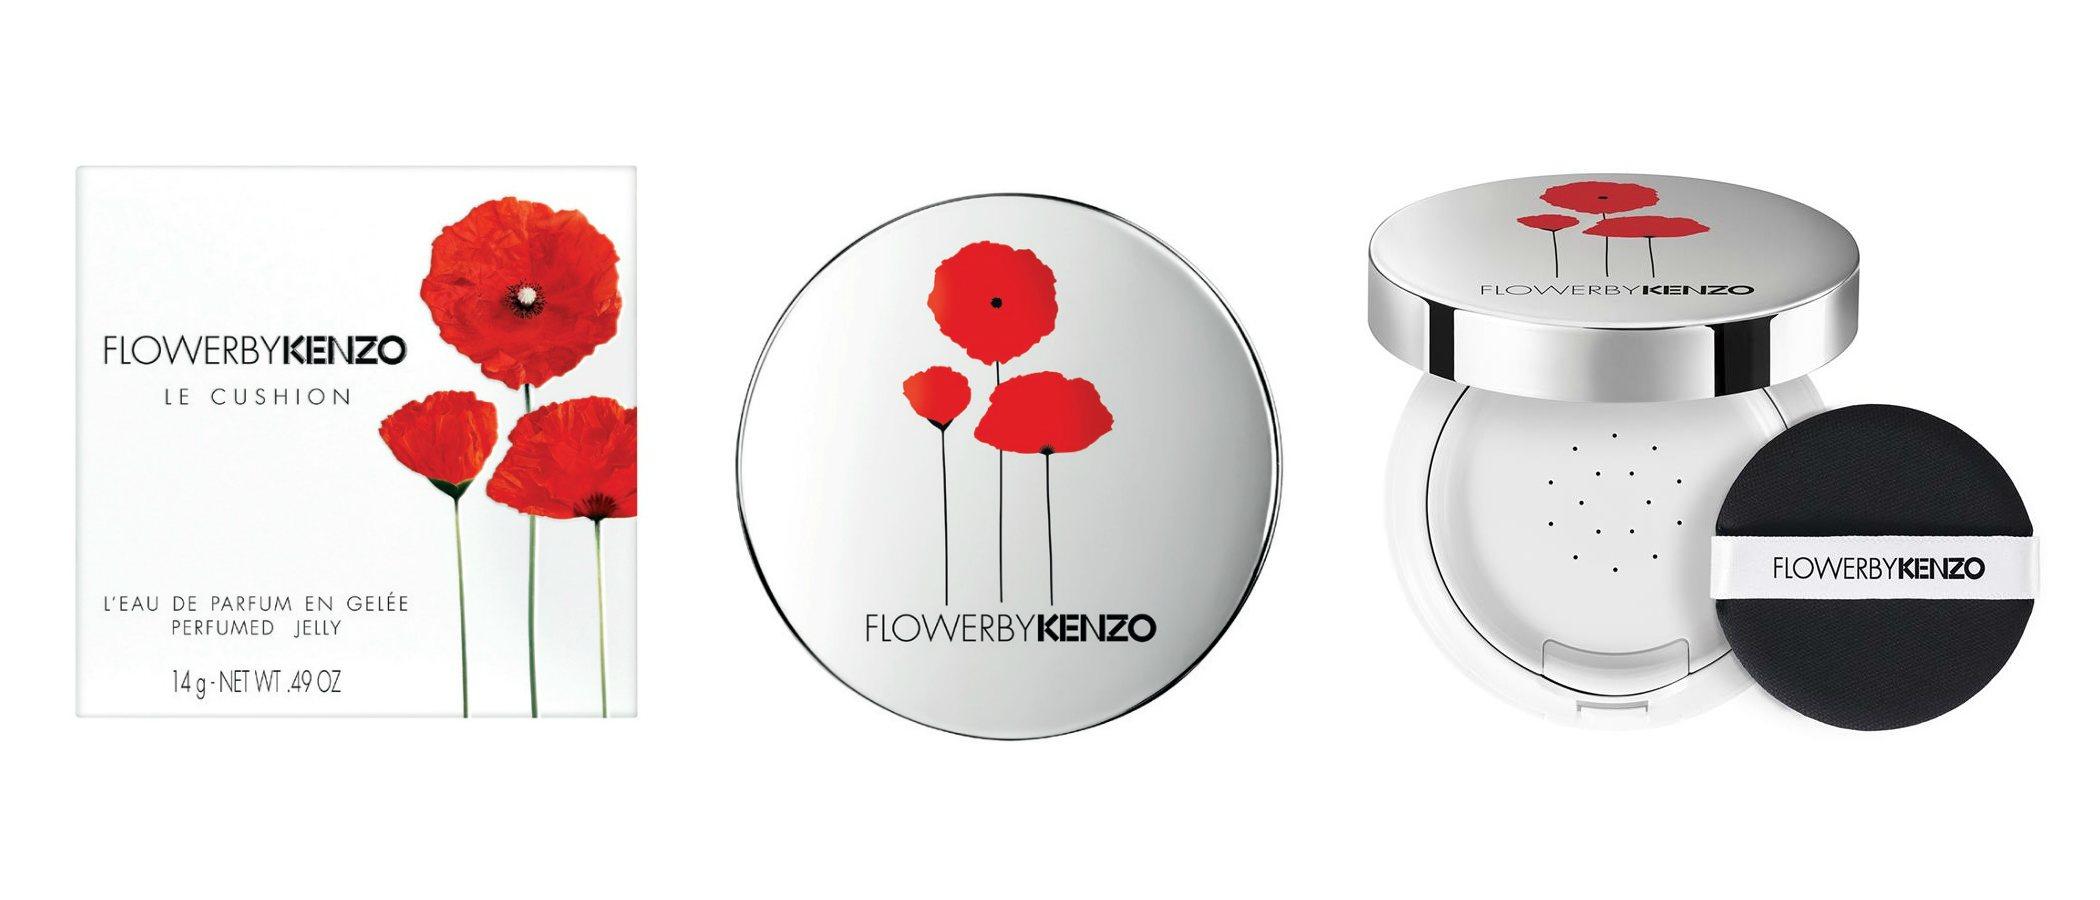 Kenzo presenta 'Flower by Kenzo Le Cushion', la versión en gel de su emblemático perfume